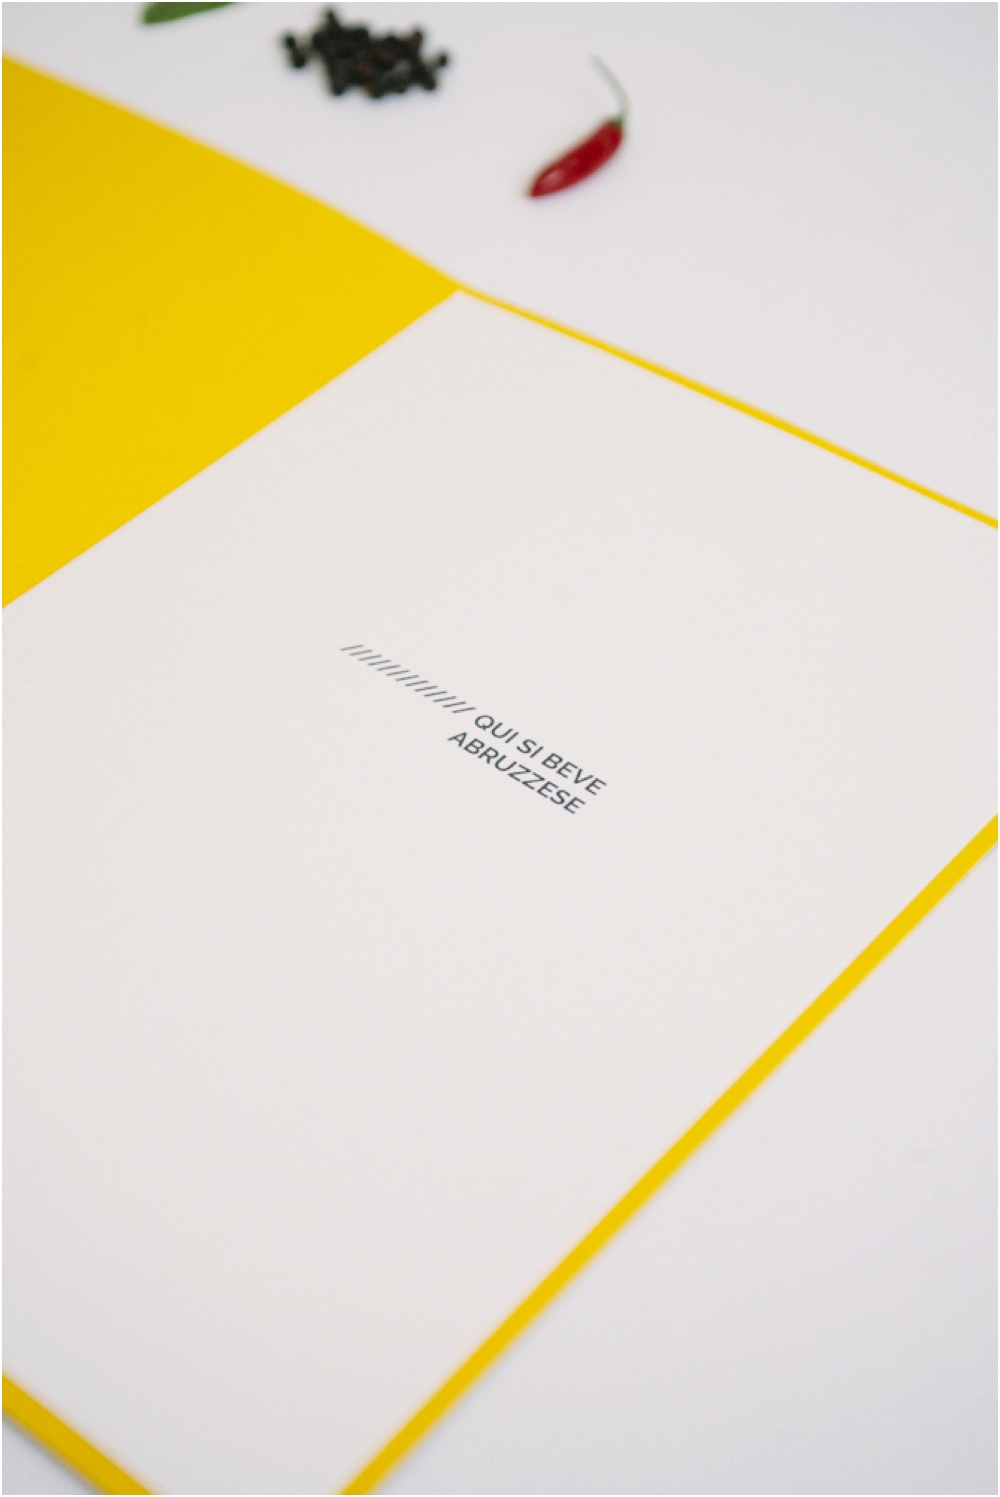 grafica_menu_giallo_ristorante_aucadesign_0008